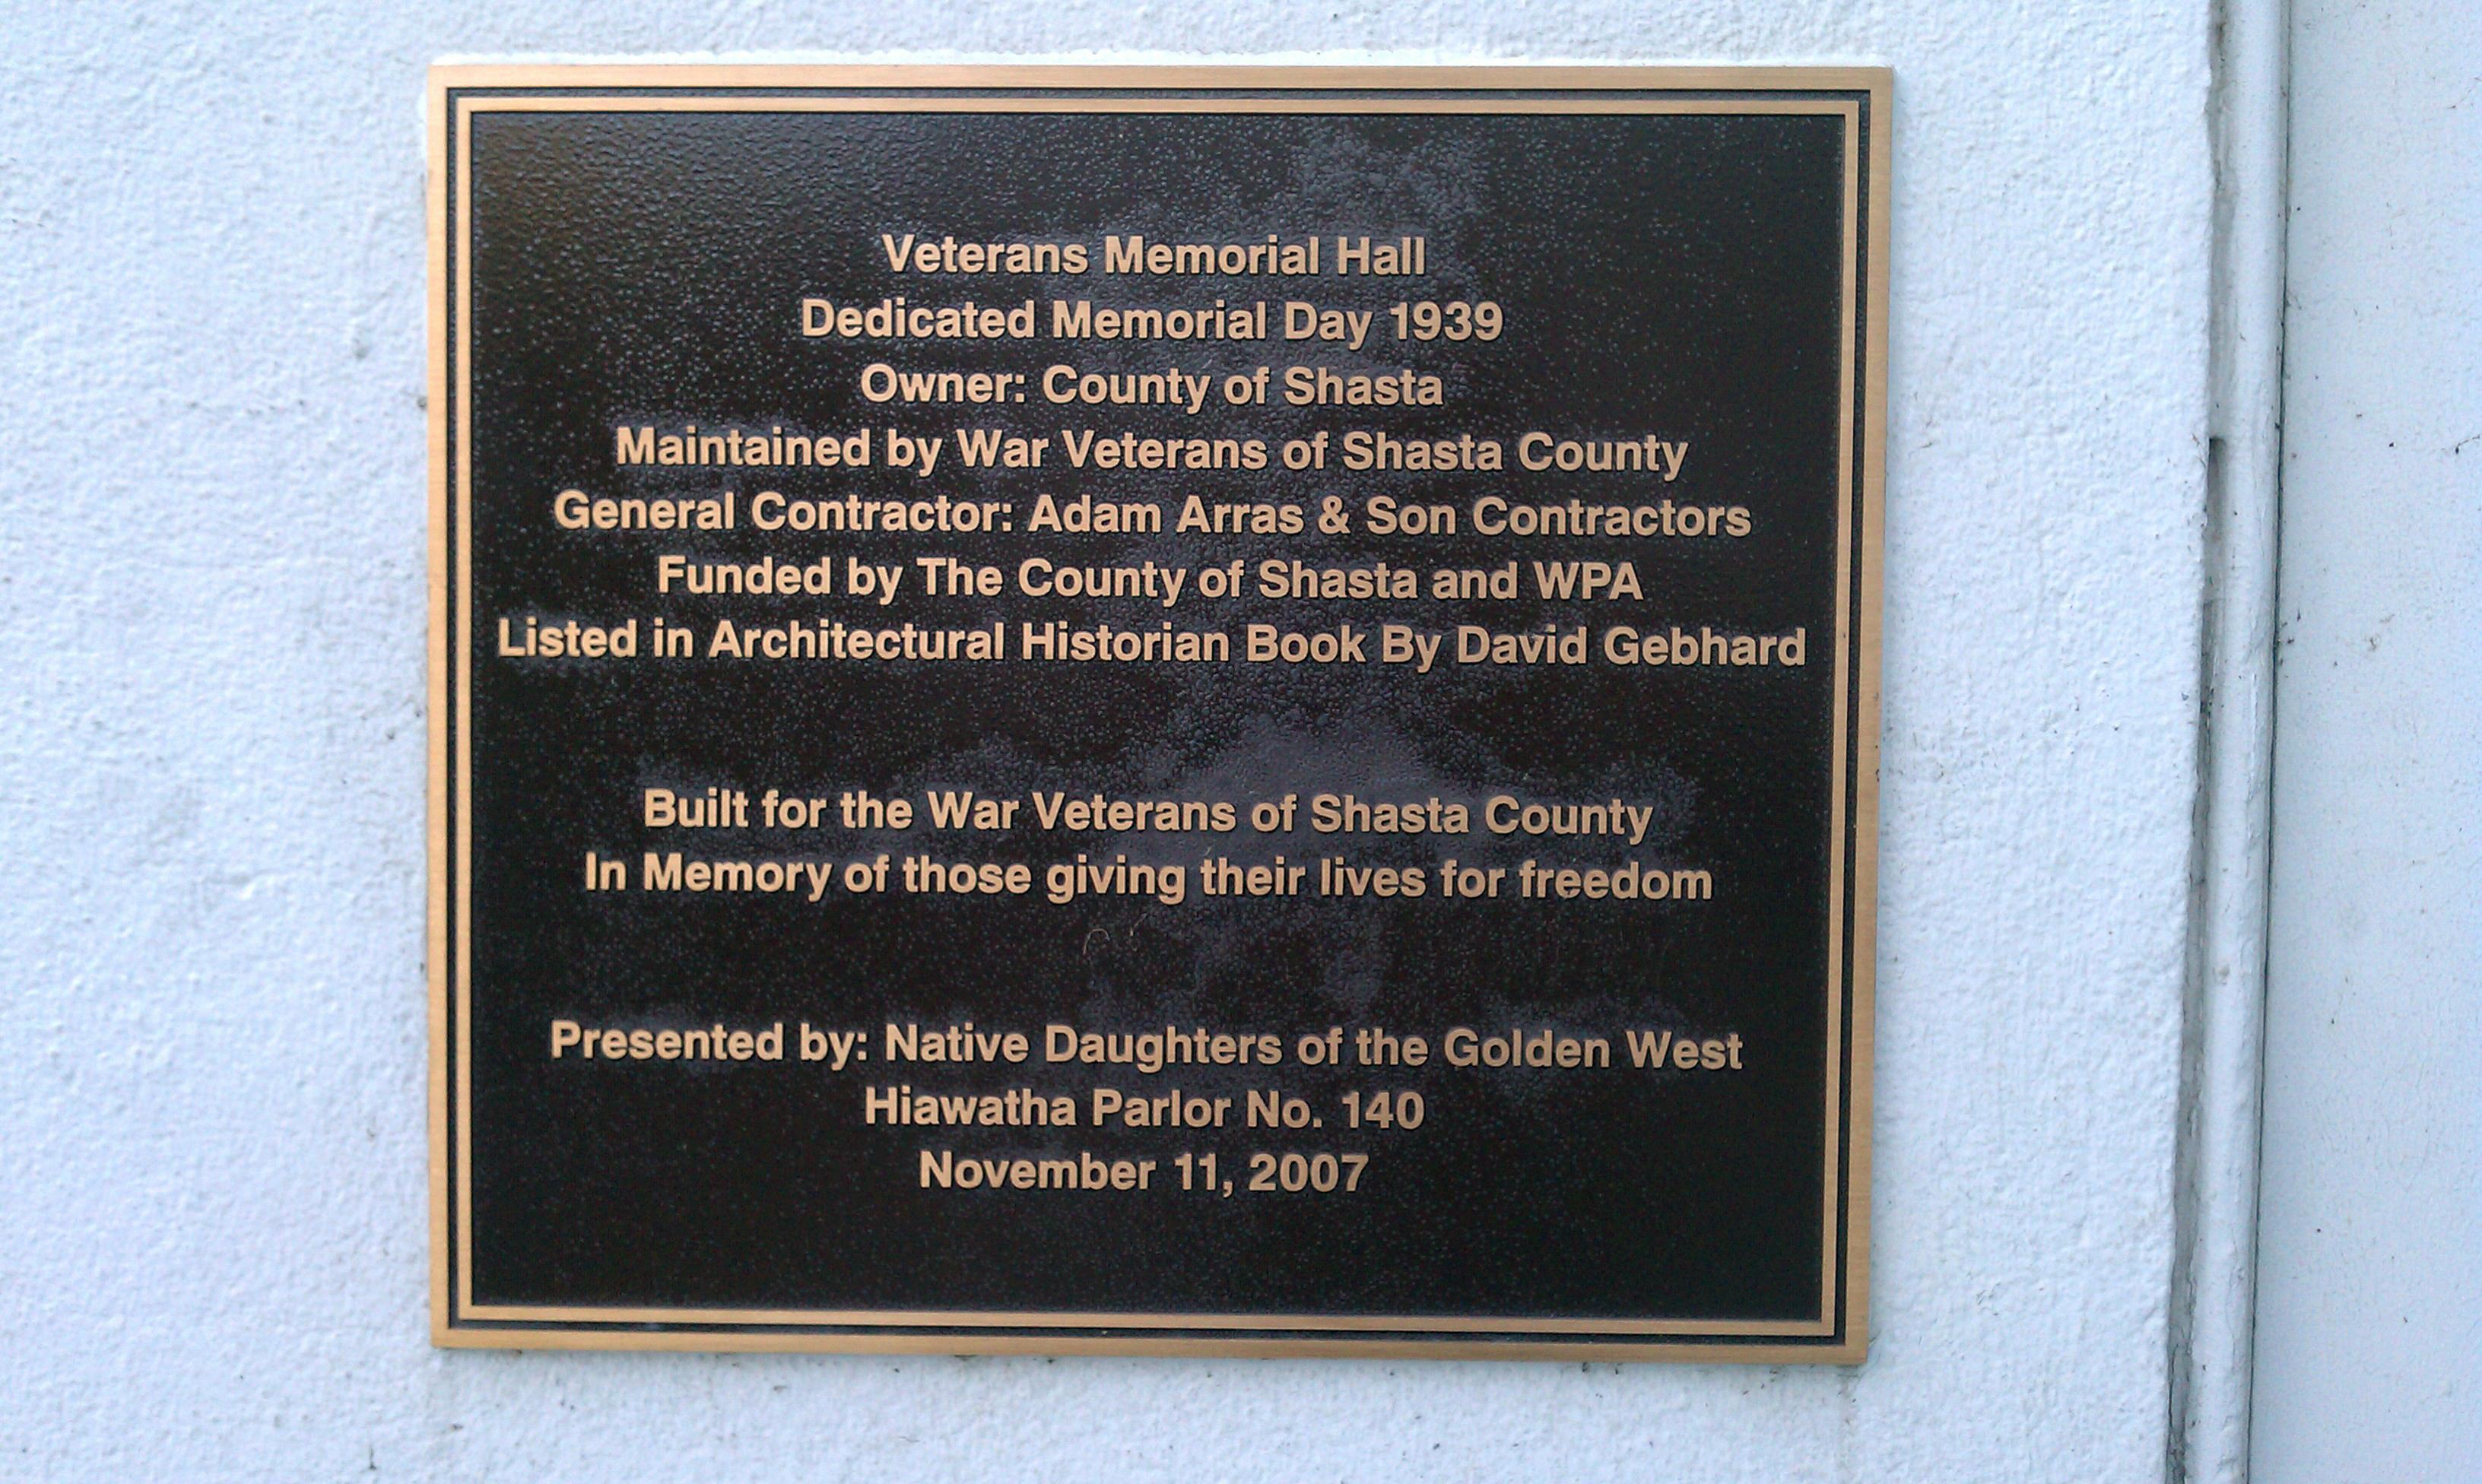 Shasta Veterans Memorial Building Commemoration Plaque